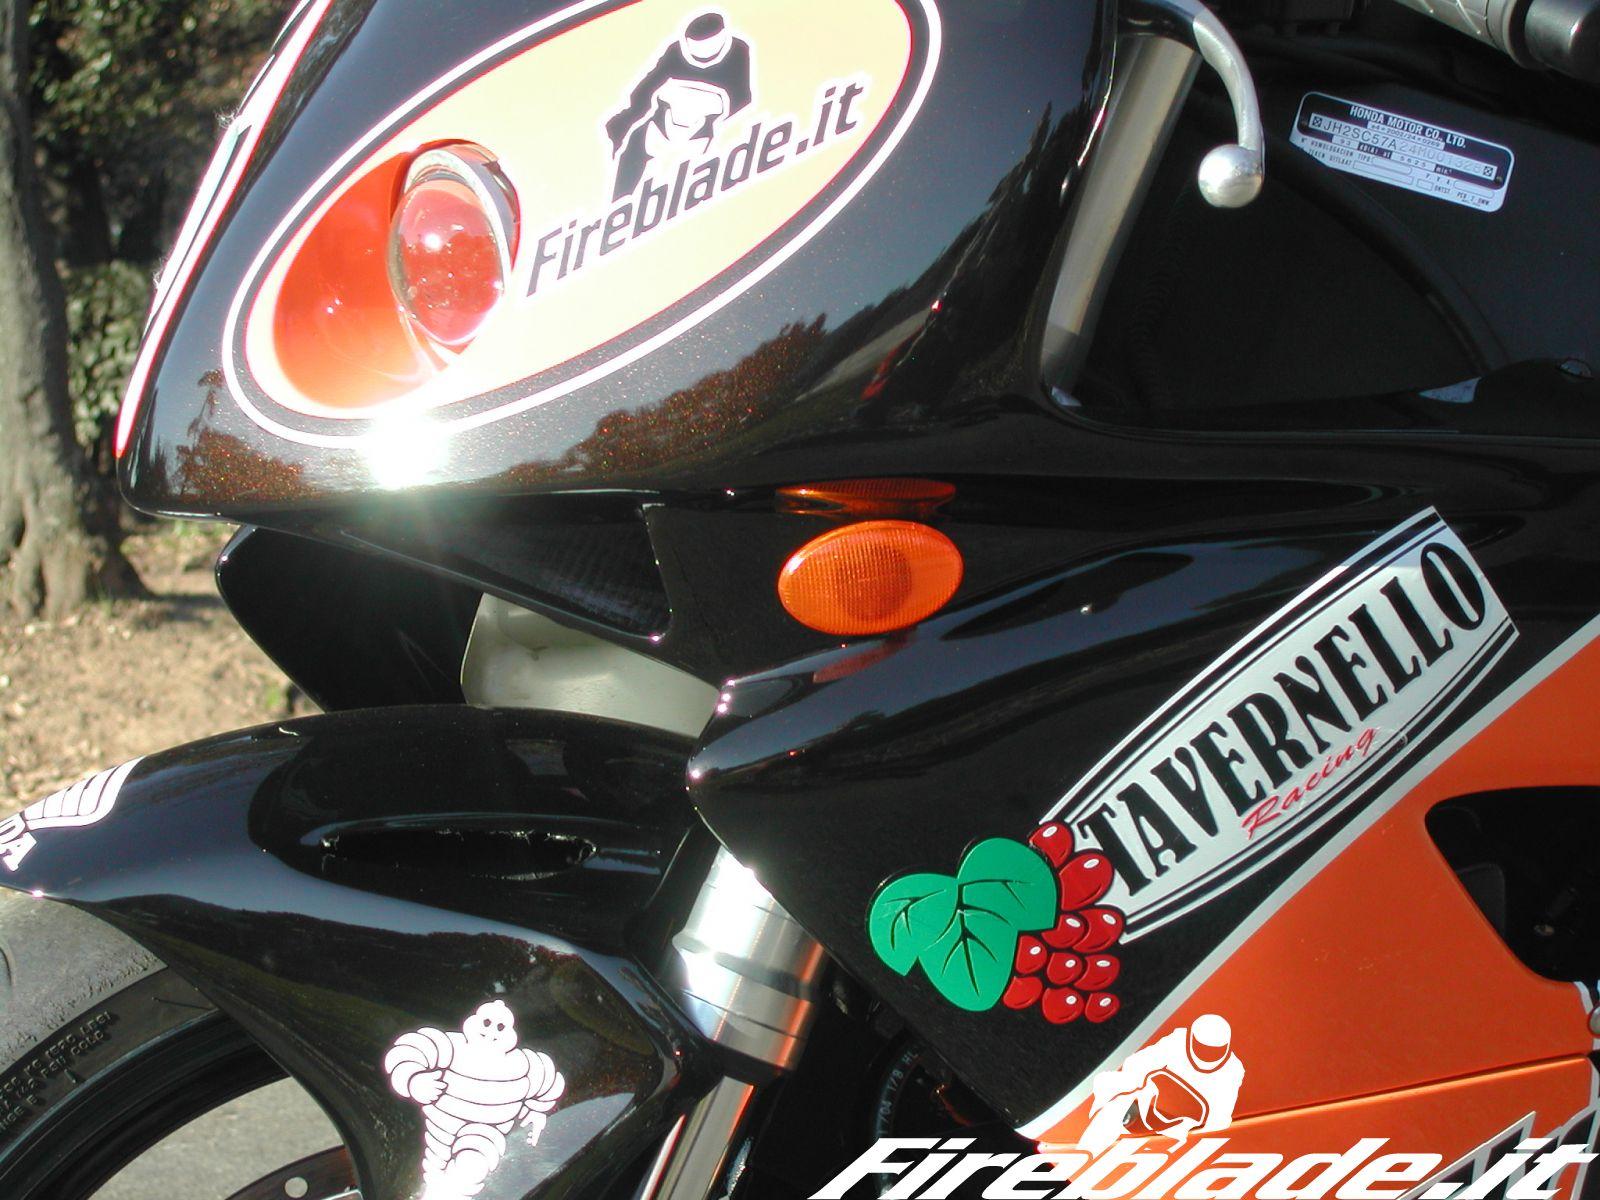 Tavernello-FirebladeONE